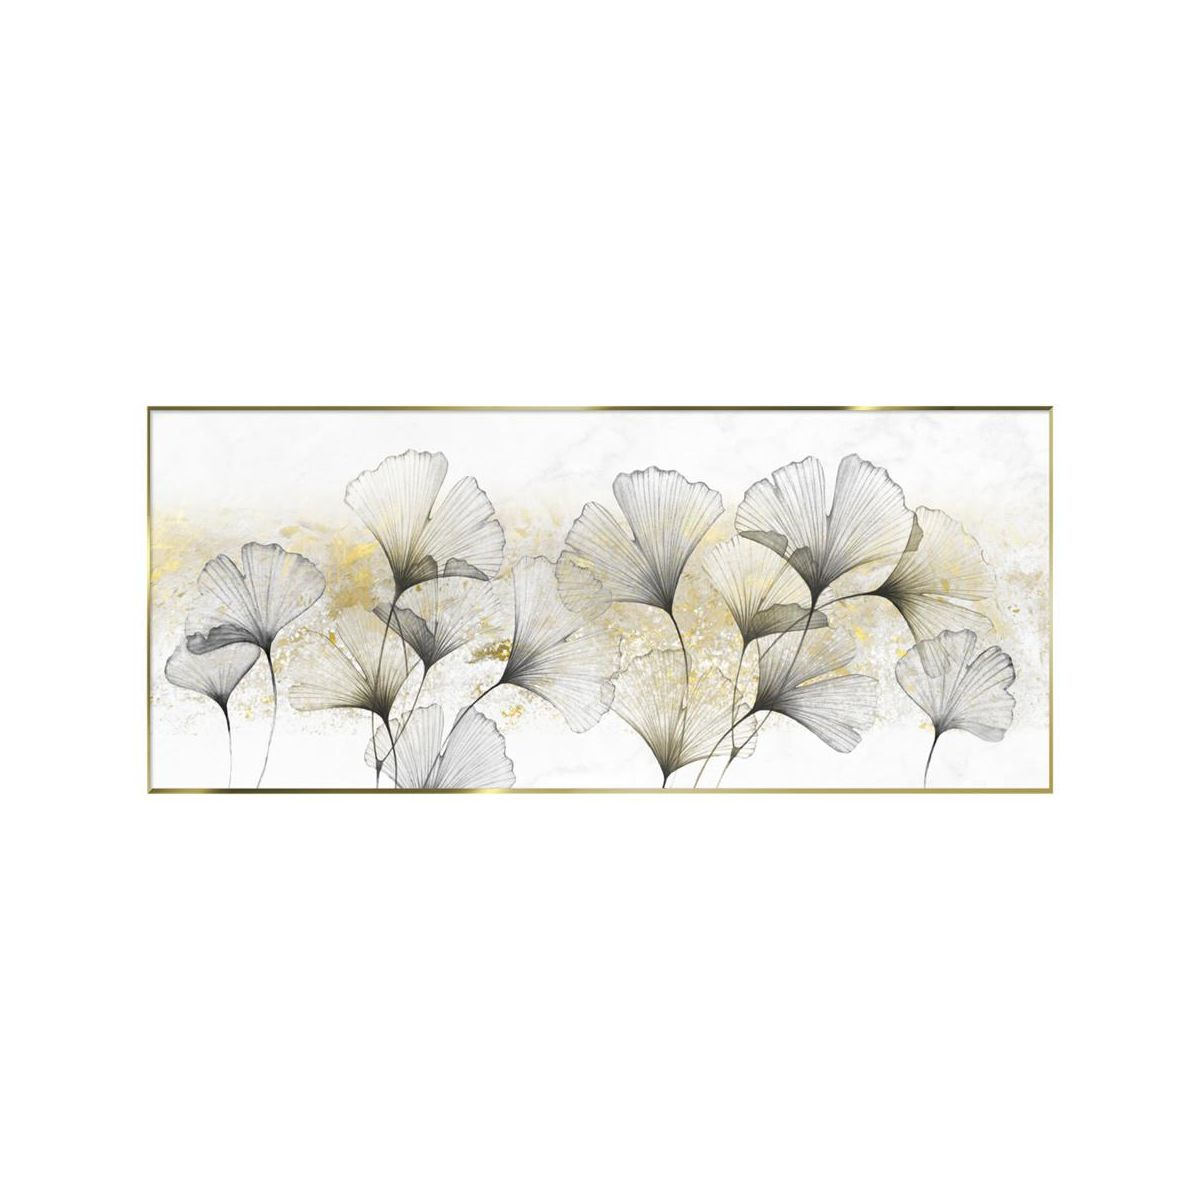 Obraz Na Szkle W Ramie Ginko Glod 125 X 50 Cm Obrazy Kanwy W Atrakcyjnej Cenie W Sklepach Leroy Merlin